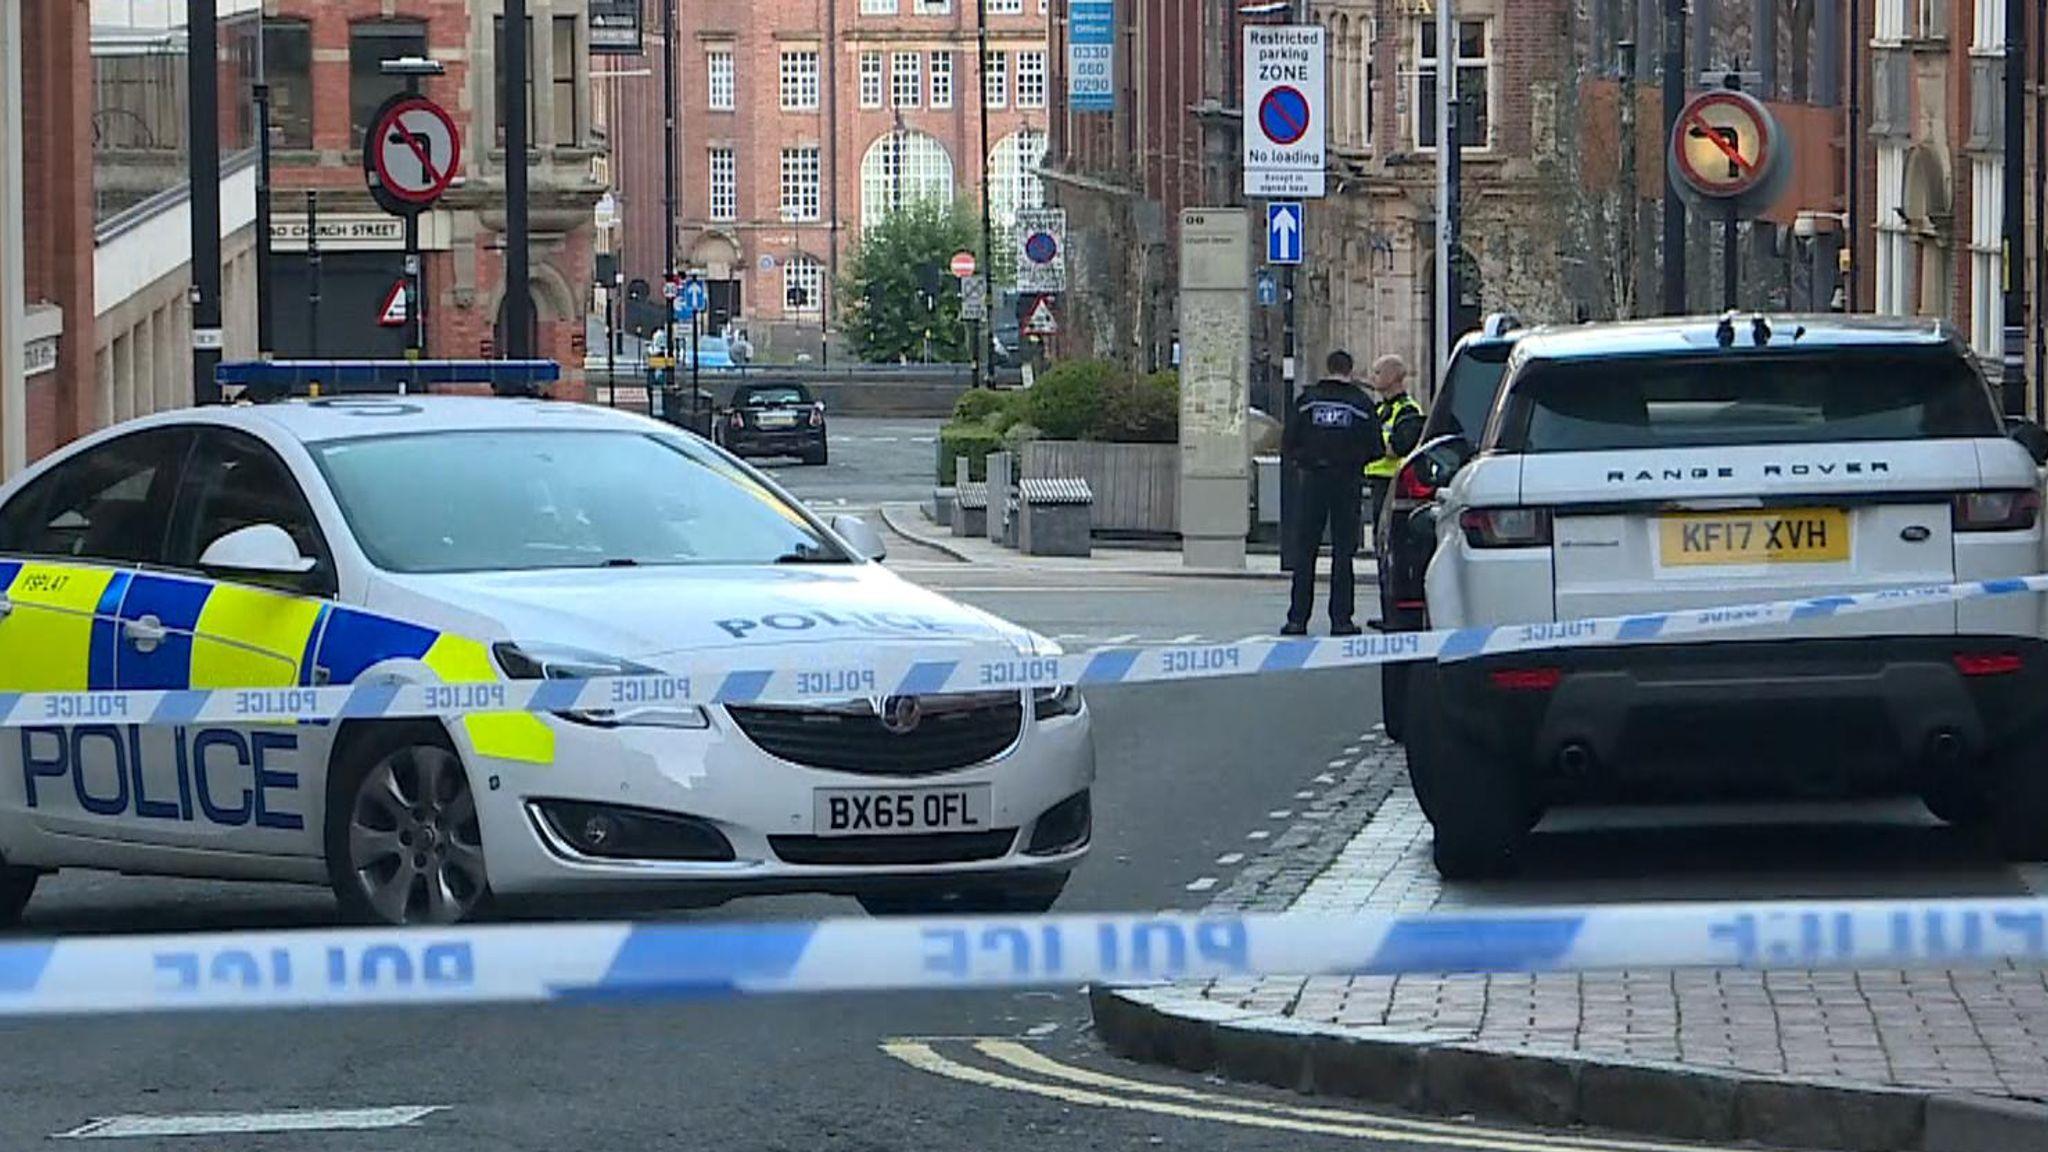 Cảnh sát Anh cảnh báo sau khi hàng loạt người bị đâm tại thành phố Birmingham - Ảnh 1